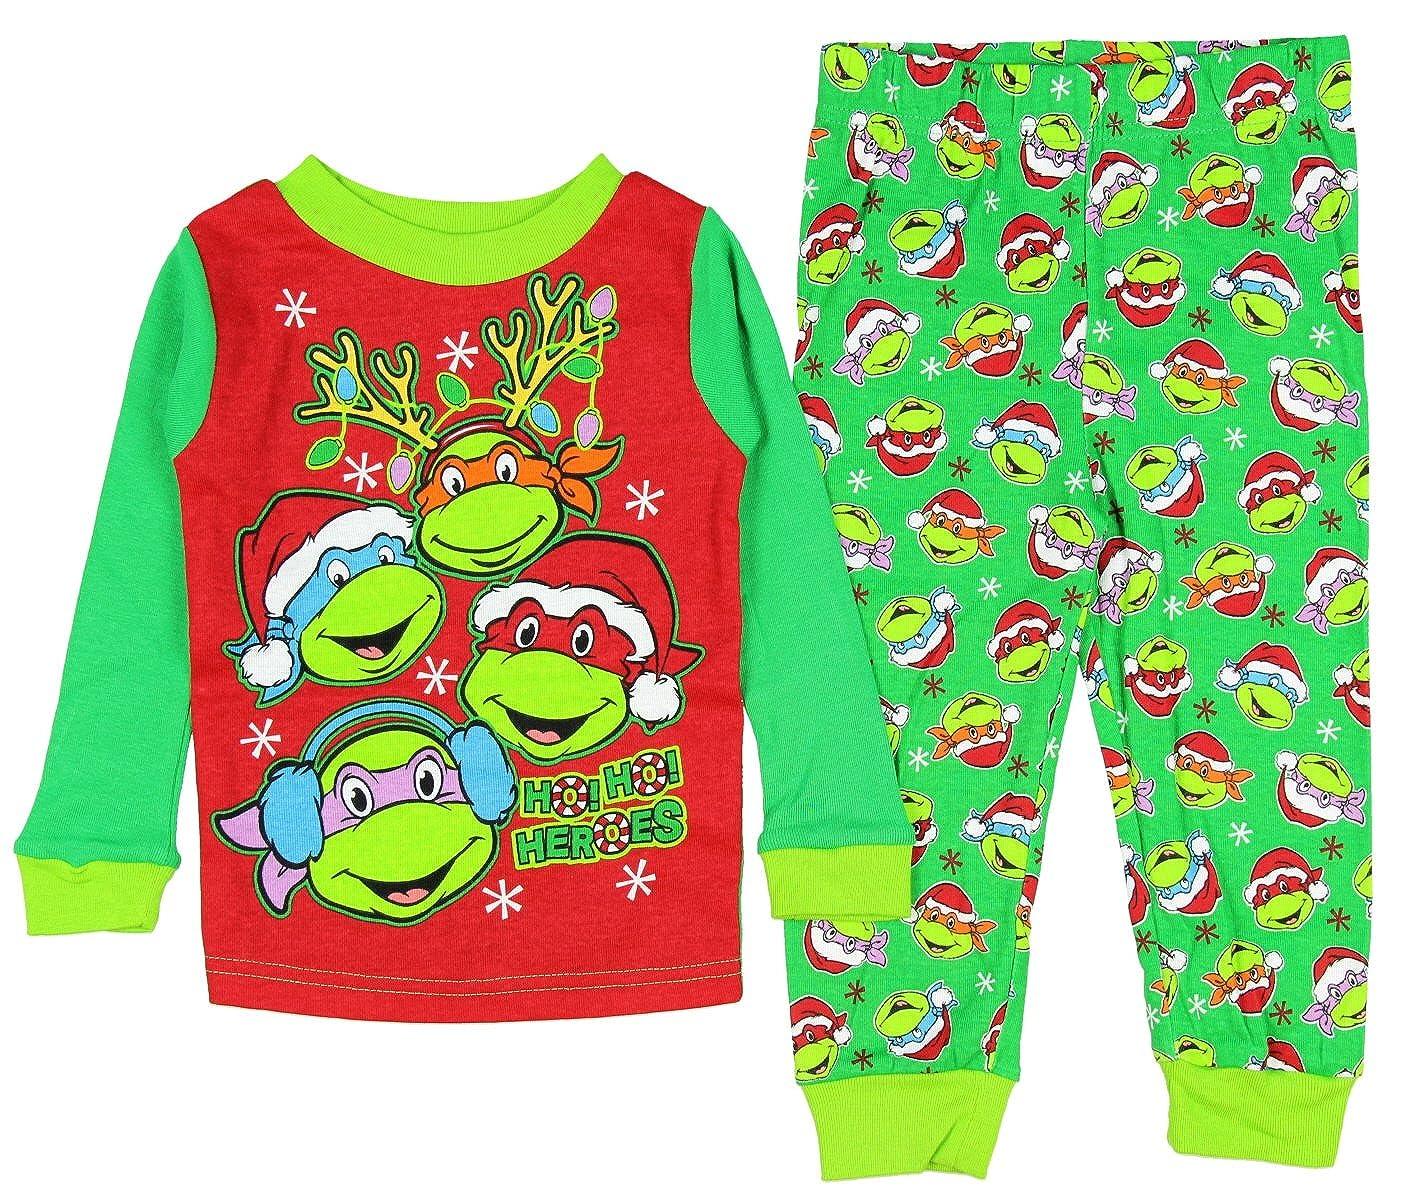 Teenage Mutant Ninja Turtles Little Boys' Christmas Pajama Sleepwear Set AME